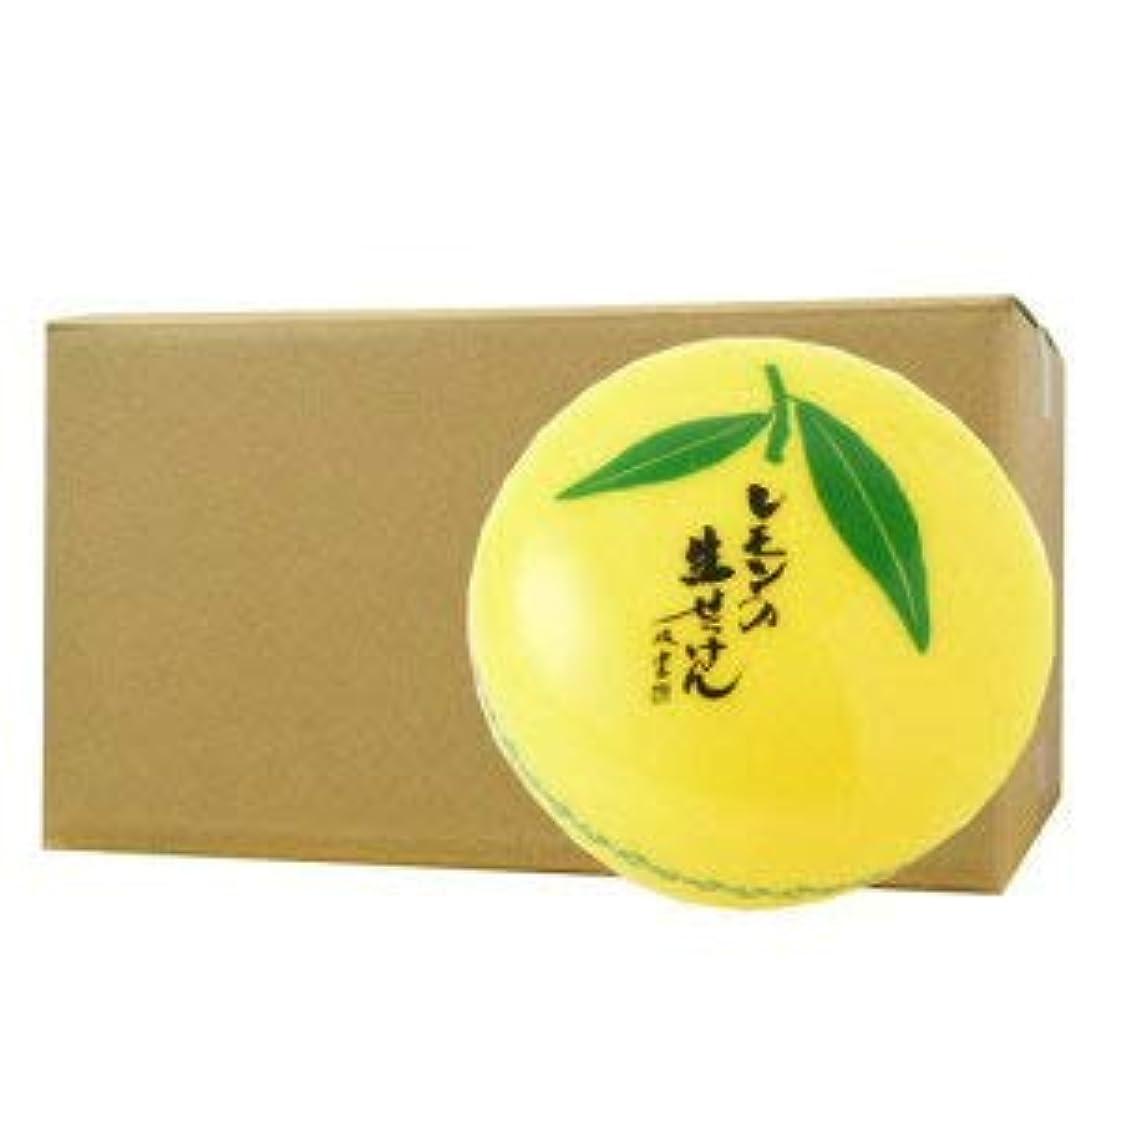 放棄疲労弁護UYEKI美香柑レモンの生せっけん50g×72個セット